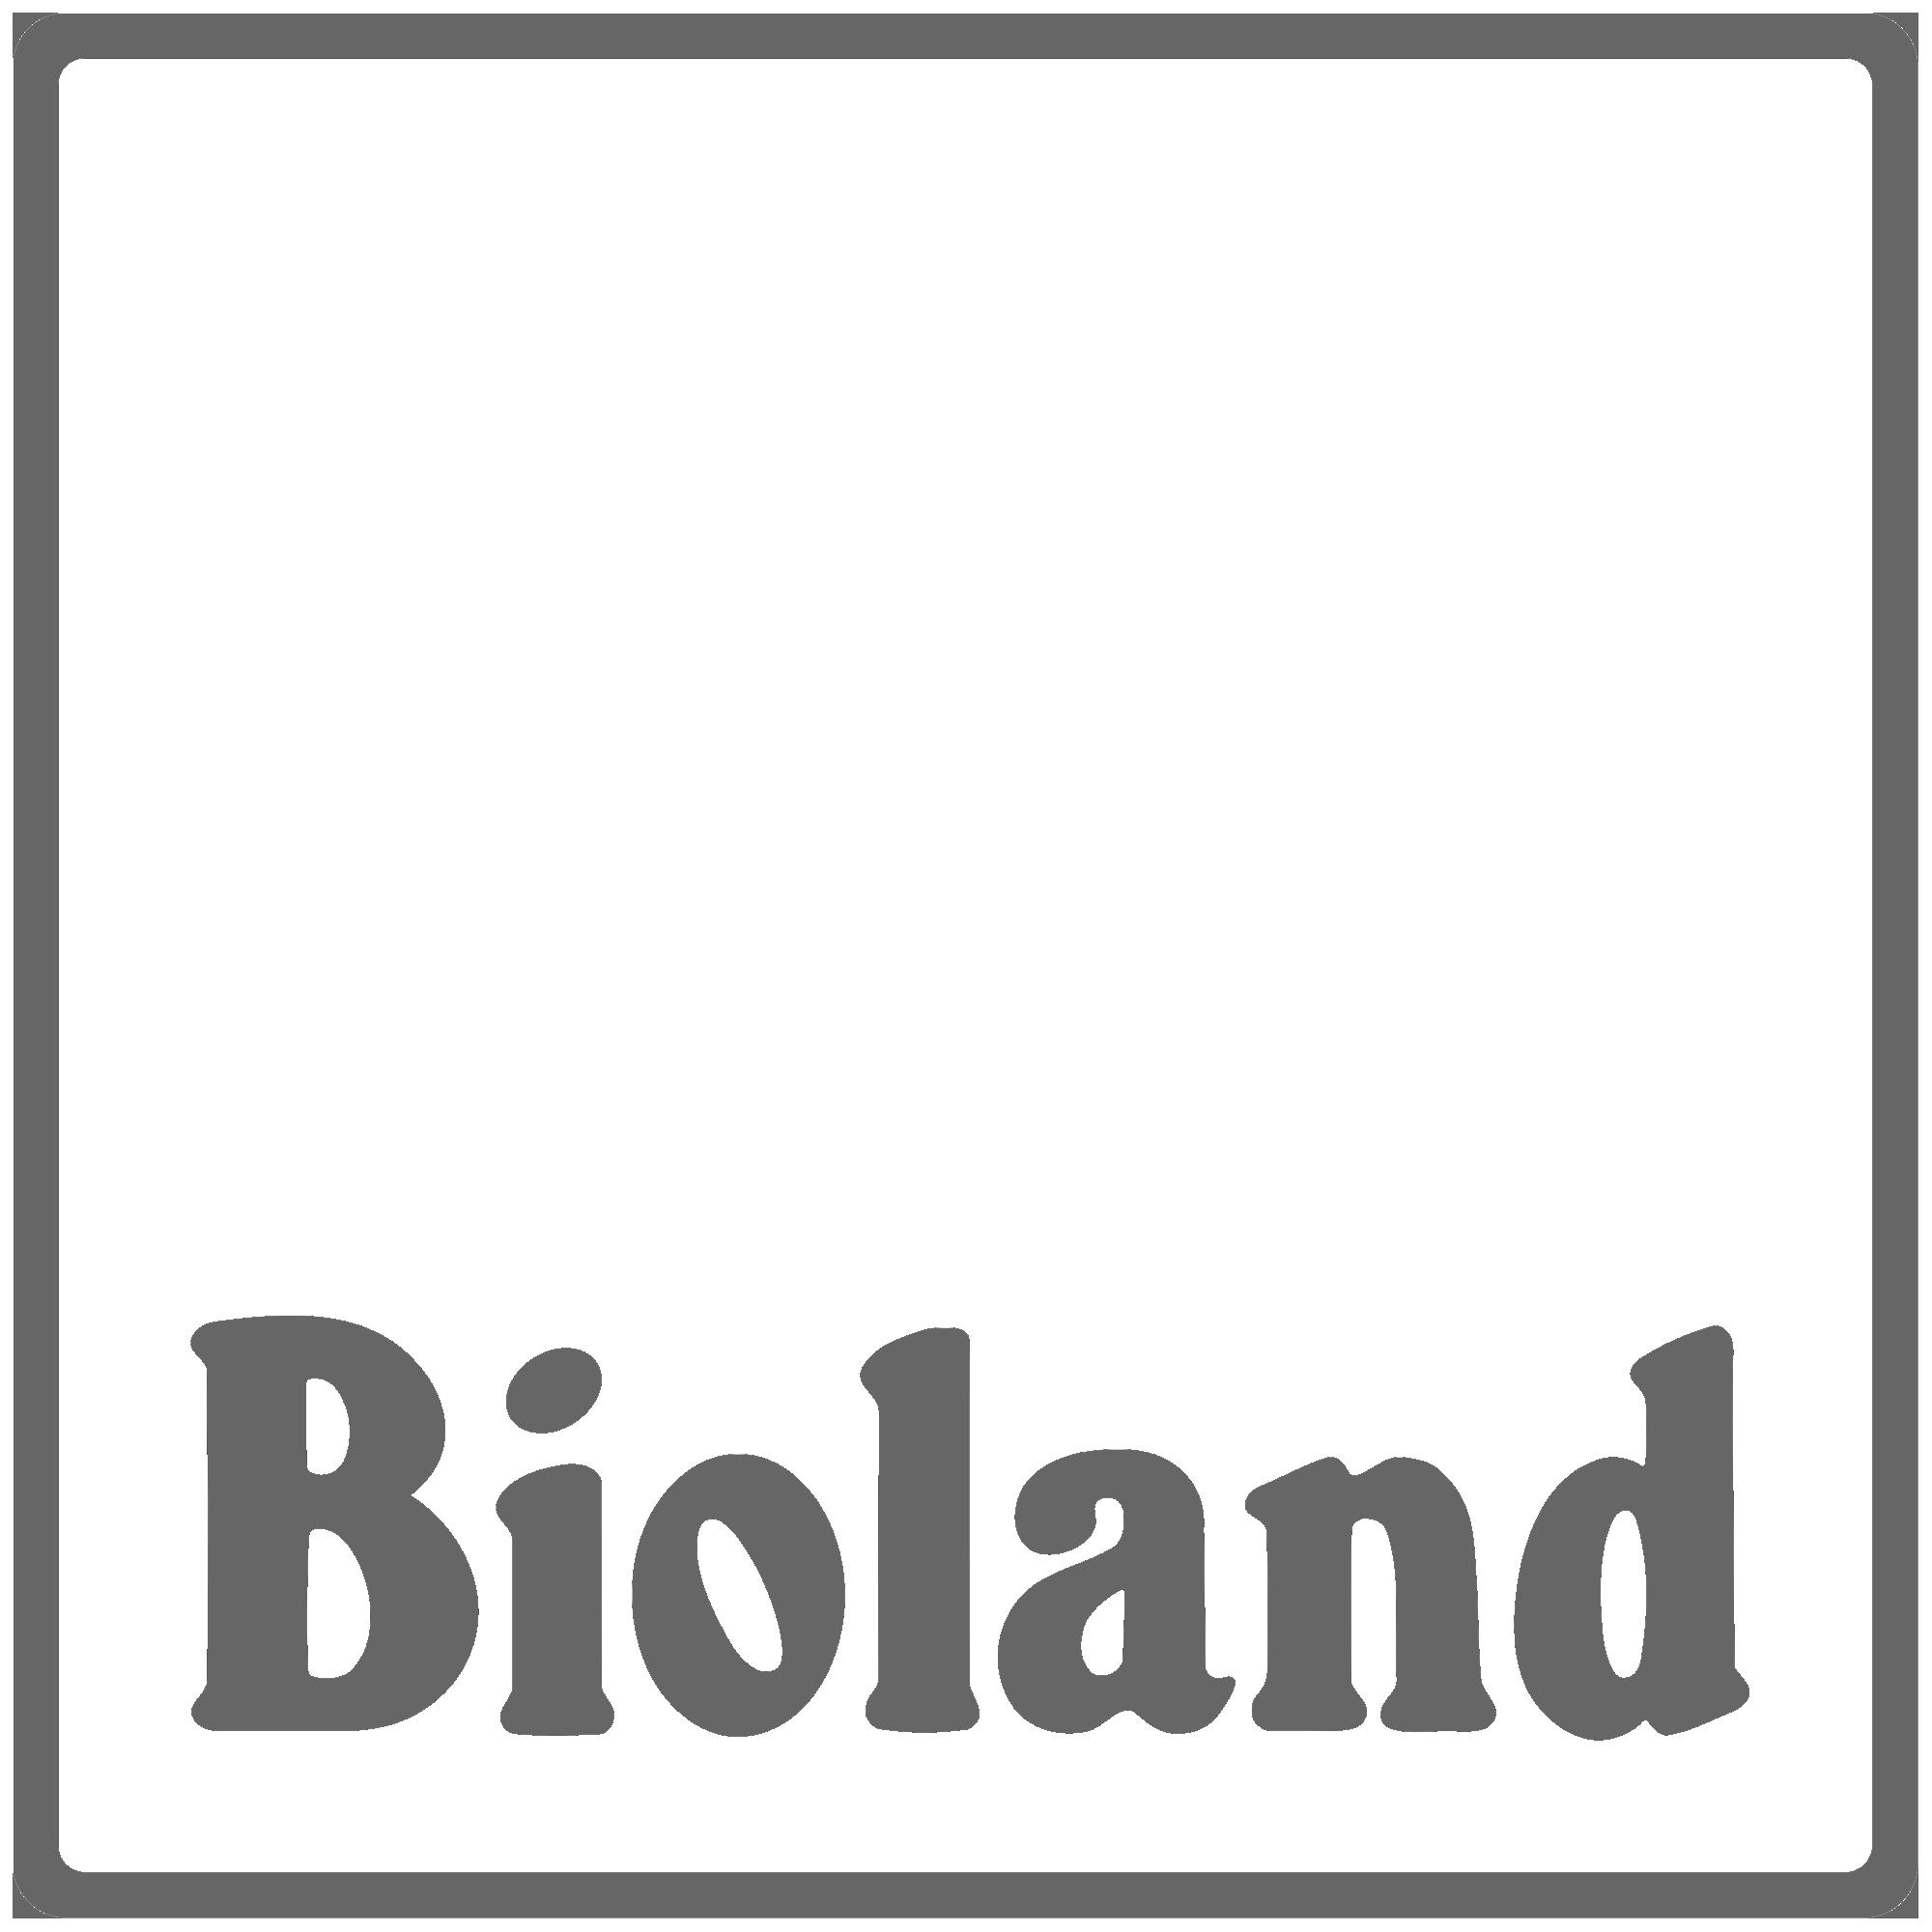 bioland-hp